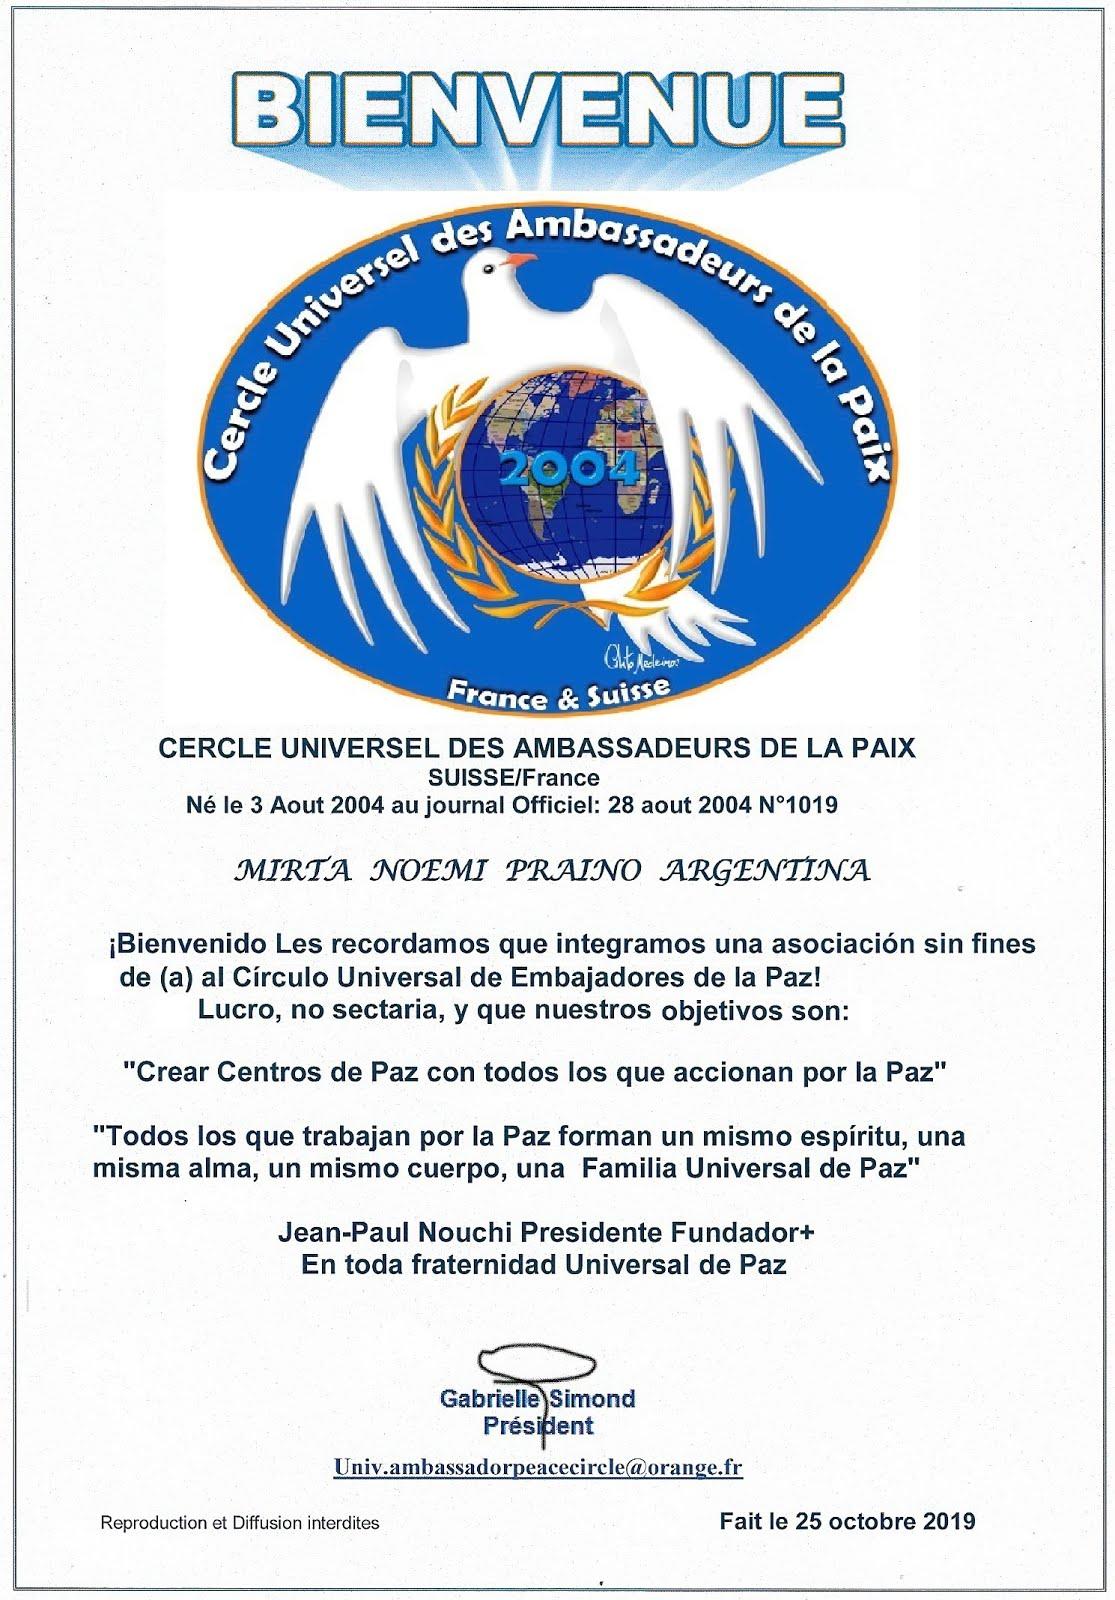 Mirta Praino  Recibe el Titulo de Embajadora Universal de la Paz